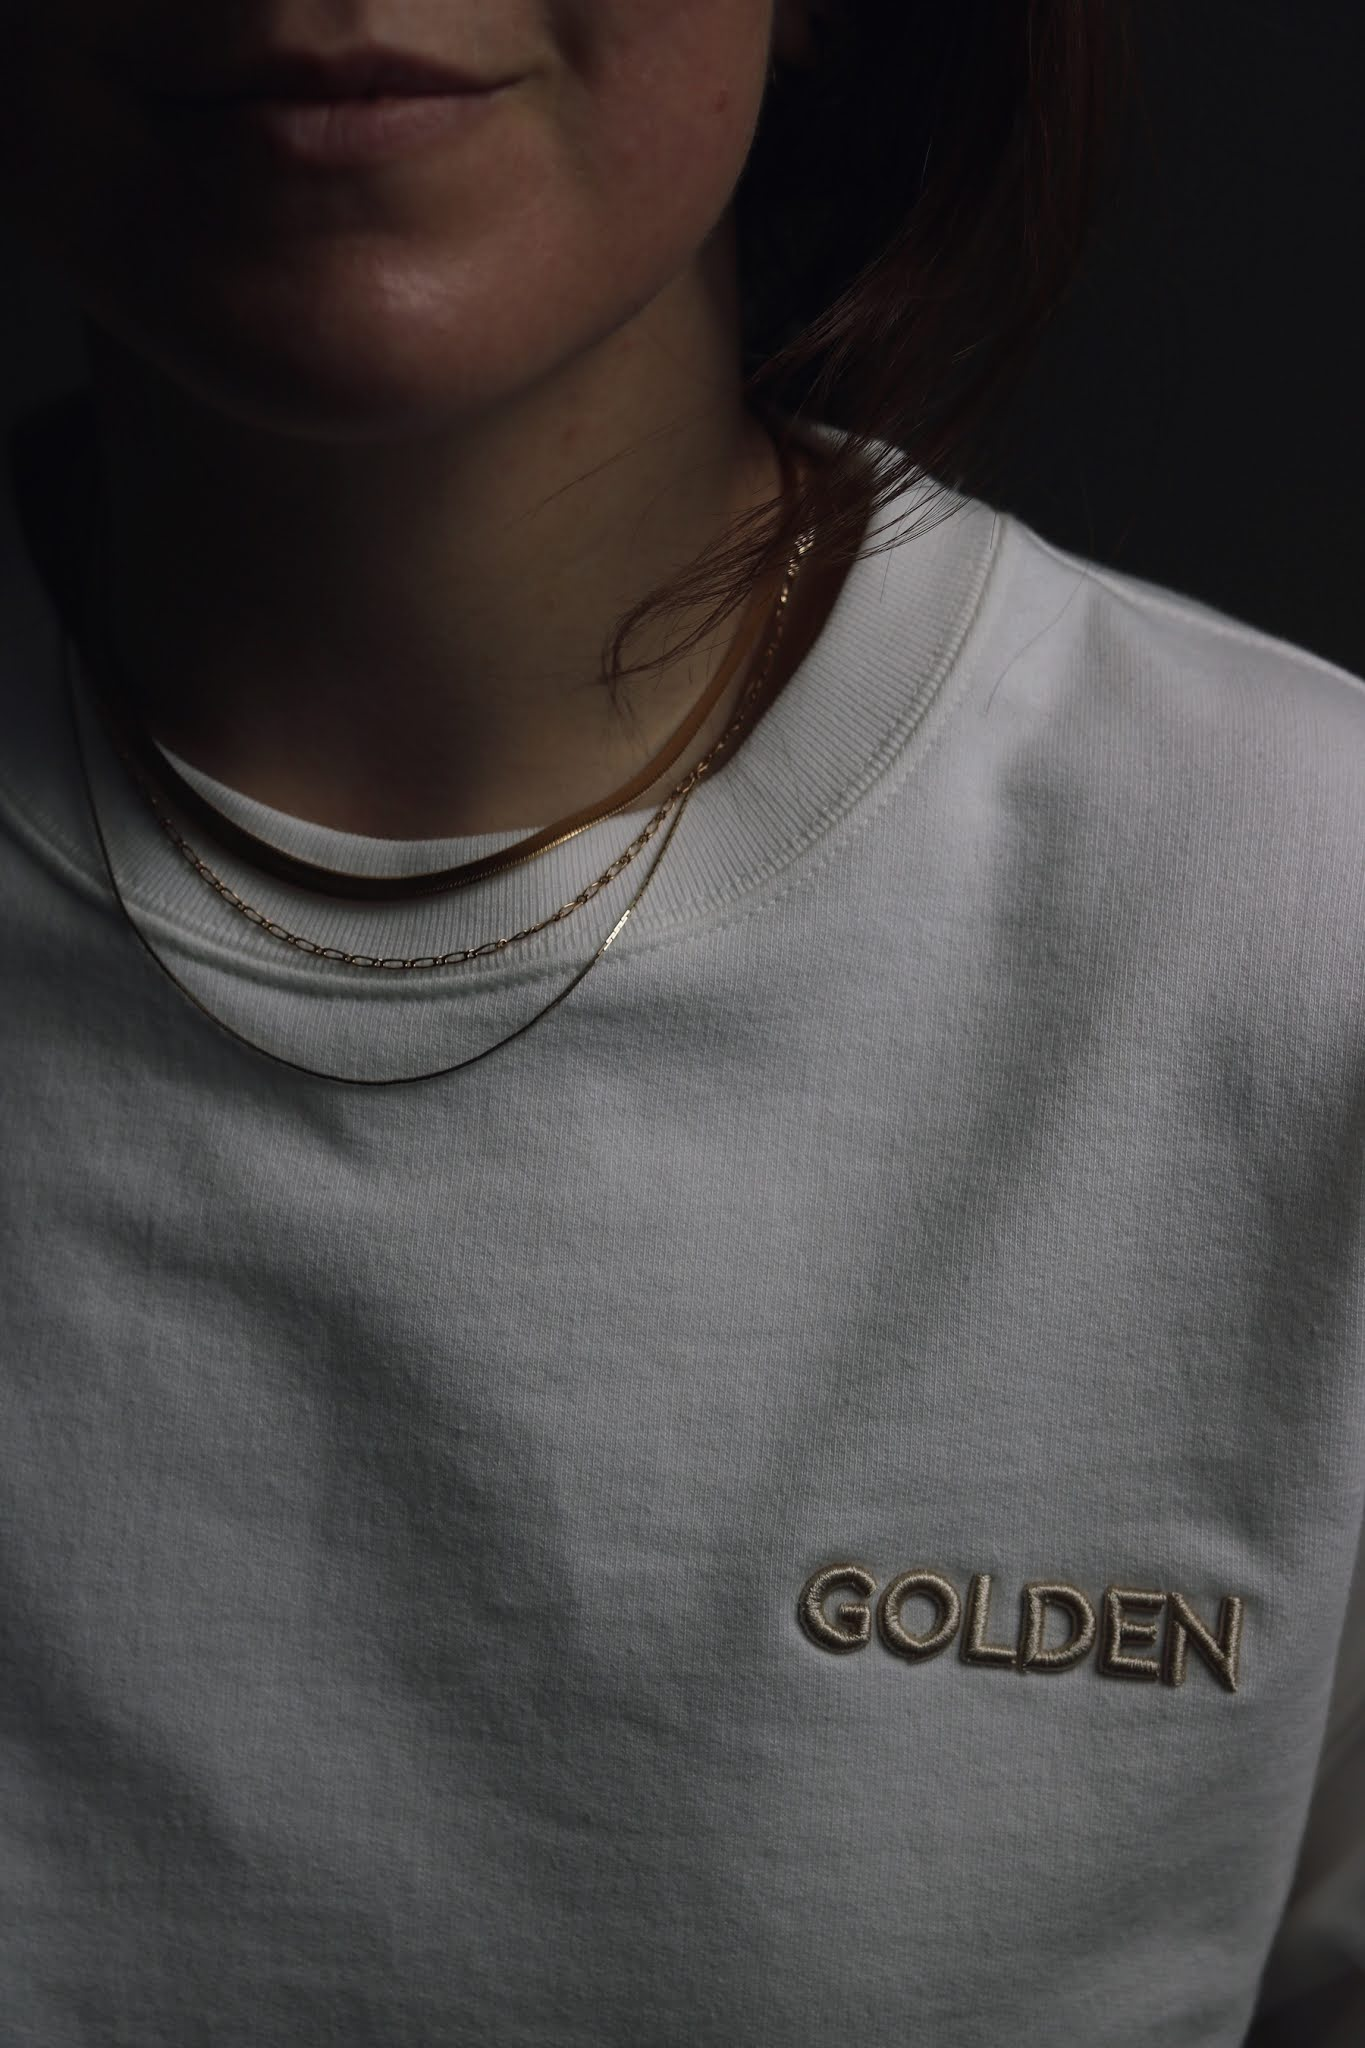 Mejuri Golden Crew Sweatshirt